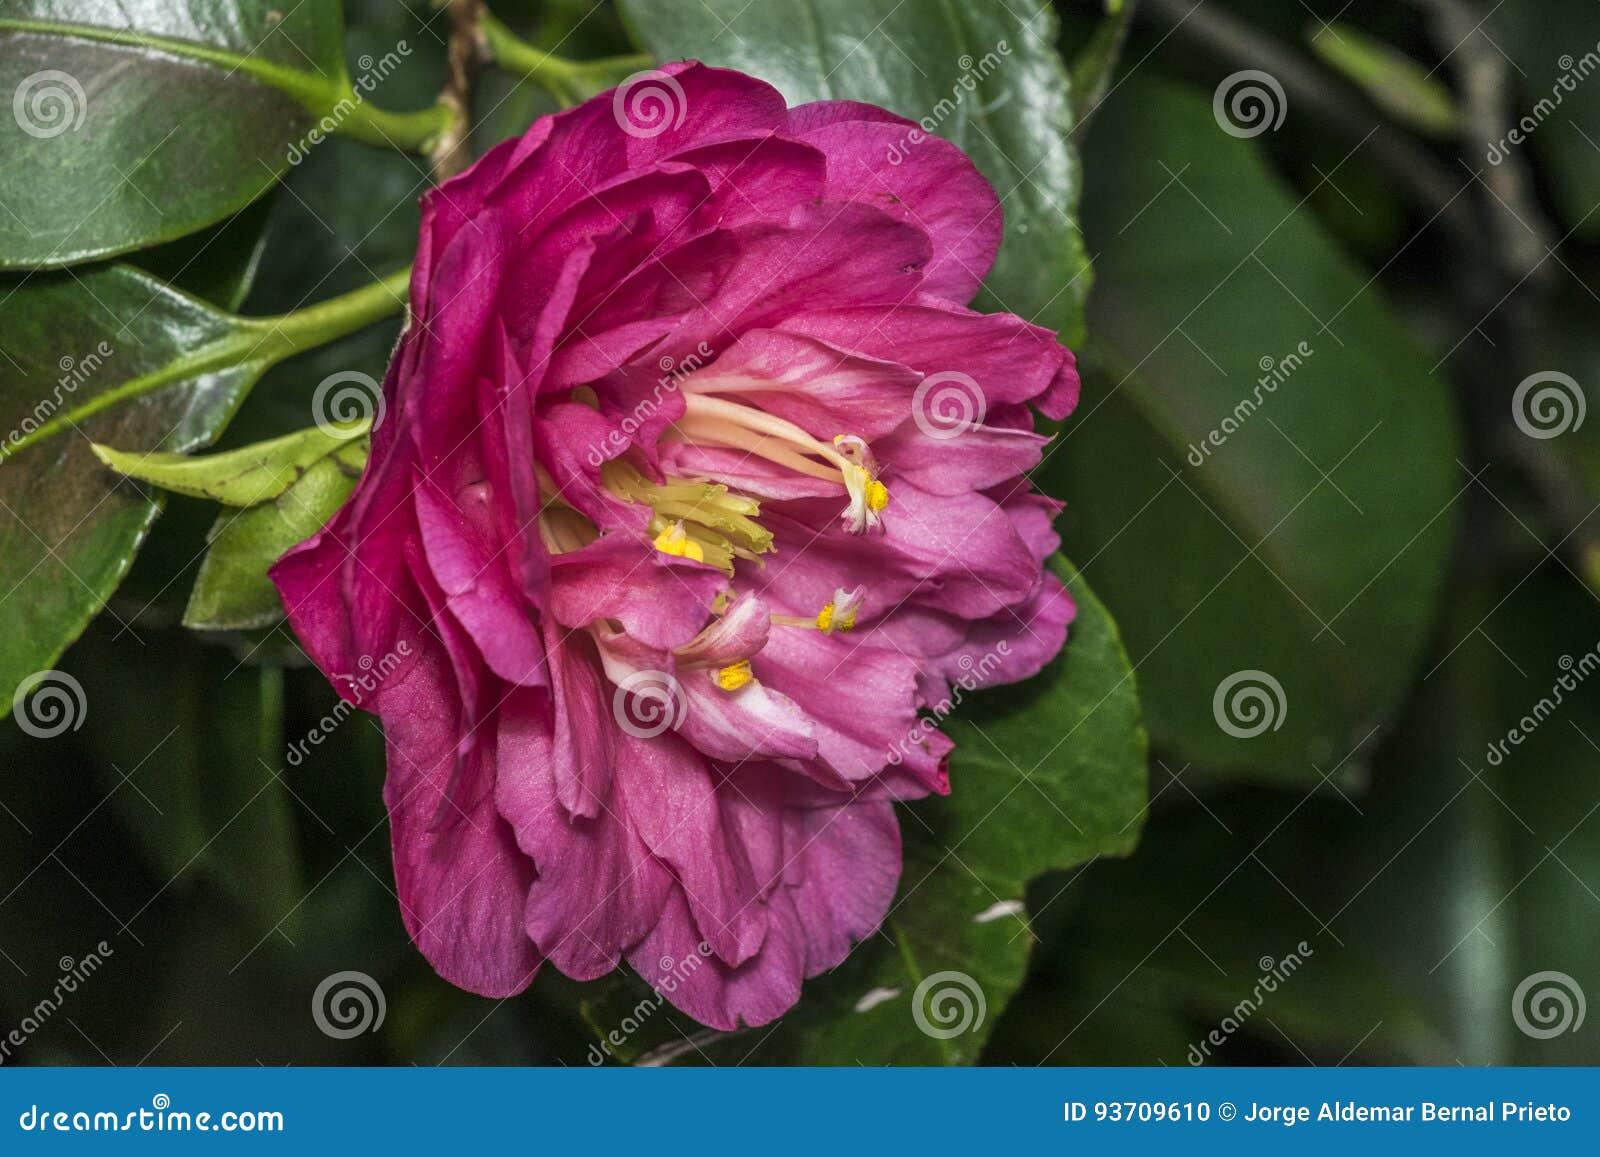 Étamine jaune sur la fleur rose photo stock - image: 93709610